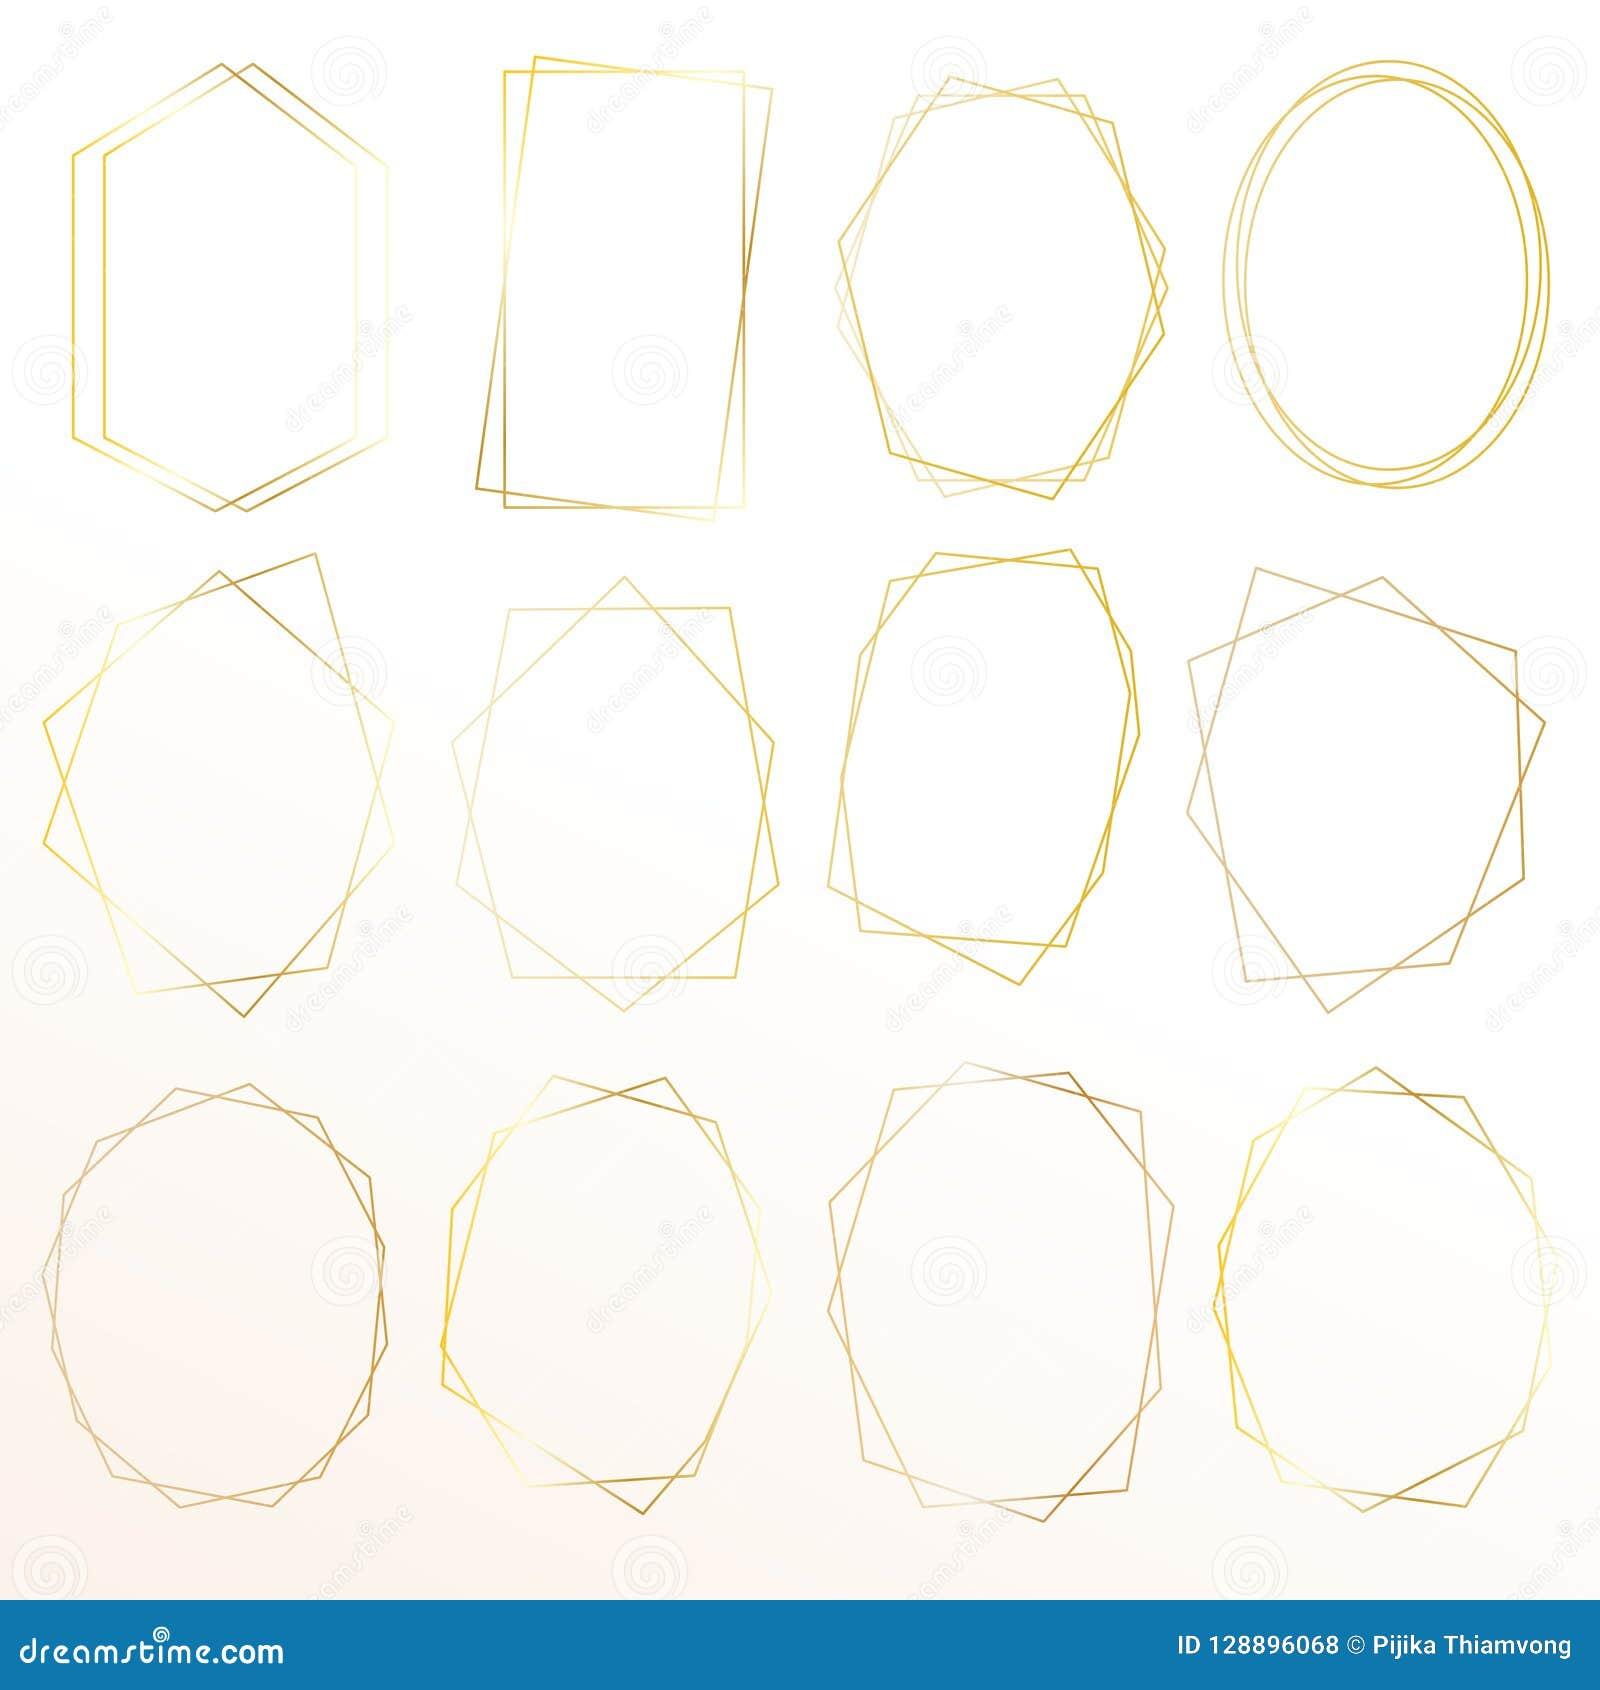 Sistema del bastidor geométrico del oro, elemento decorativo para la invitación de boda, invitaciones y logotipo